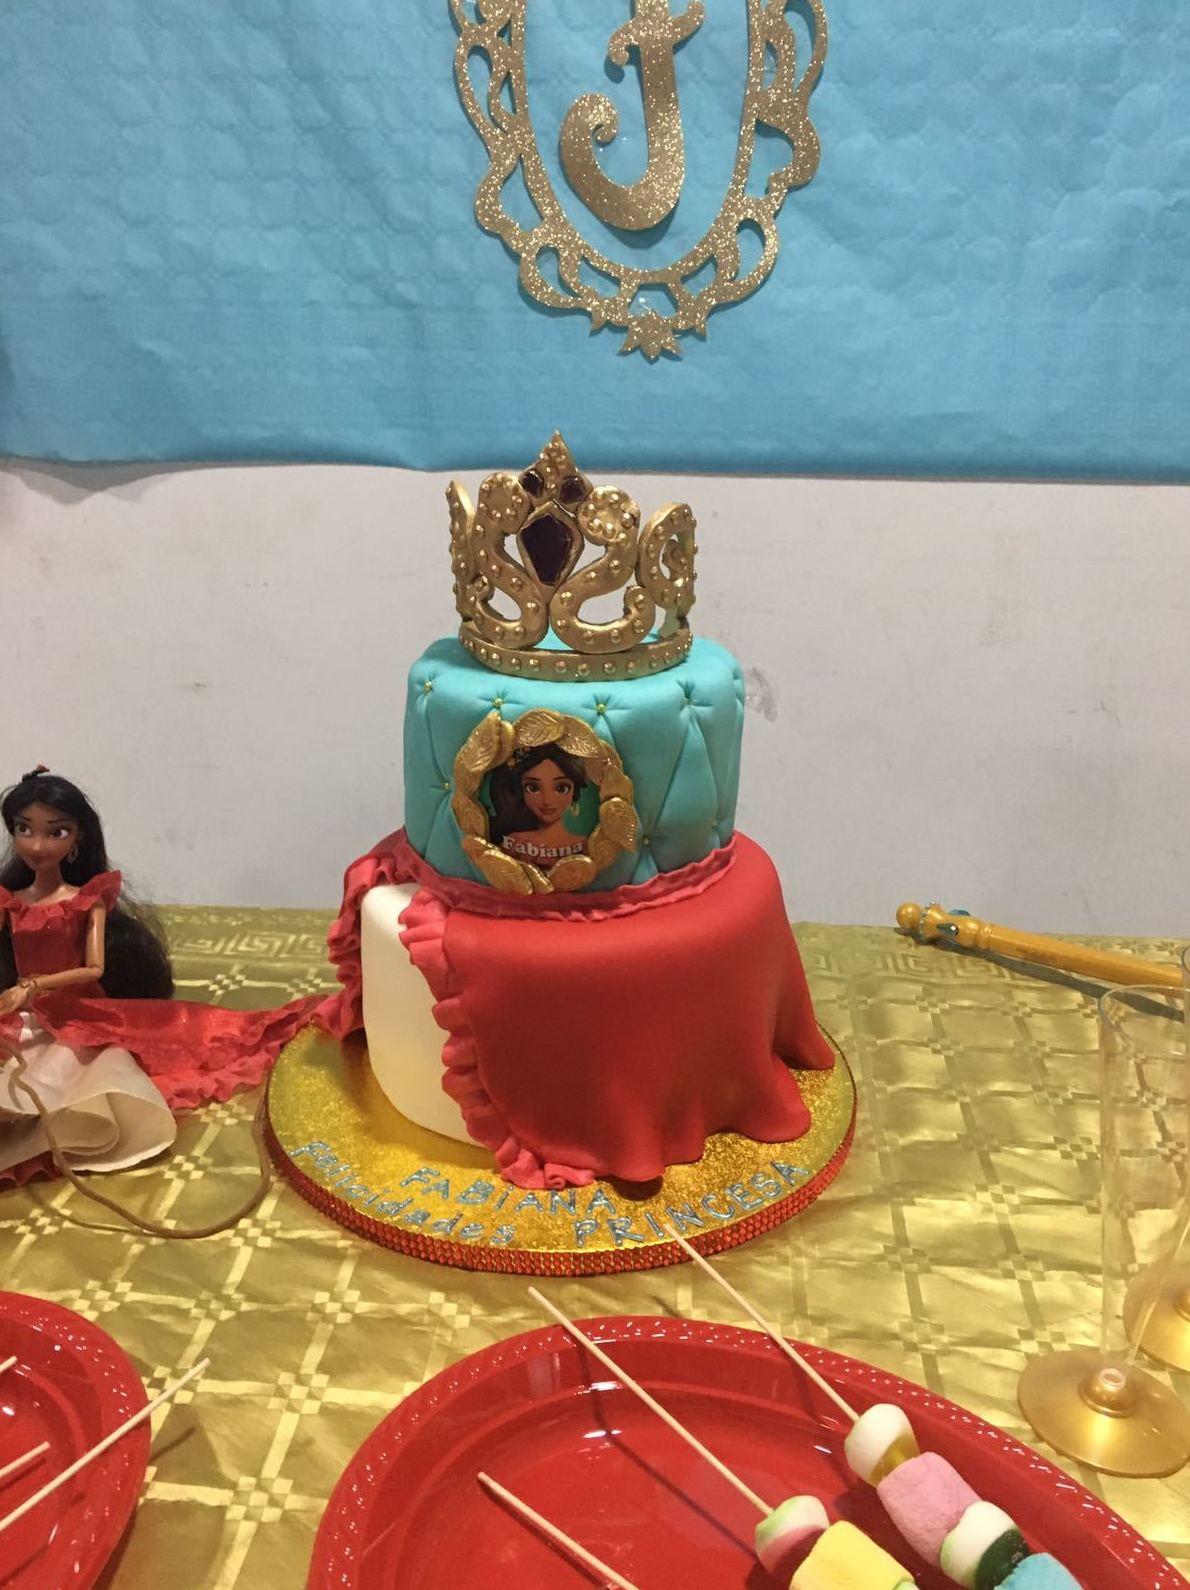 El día 29 de septiembre javiana celebro su cumpleaños con Elena de avalor en el cómo mola de Torrejón de Ardoz